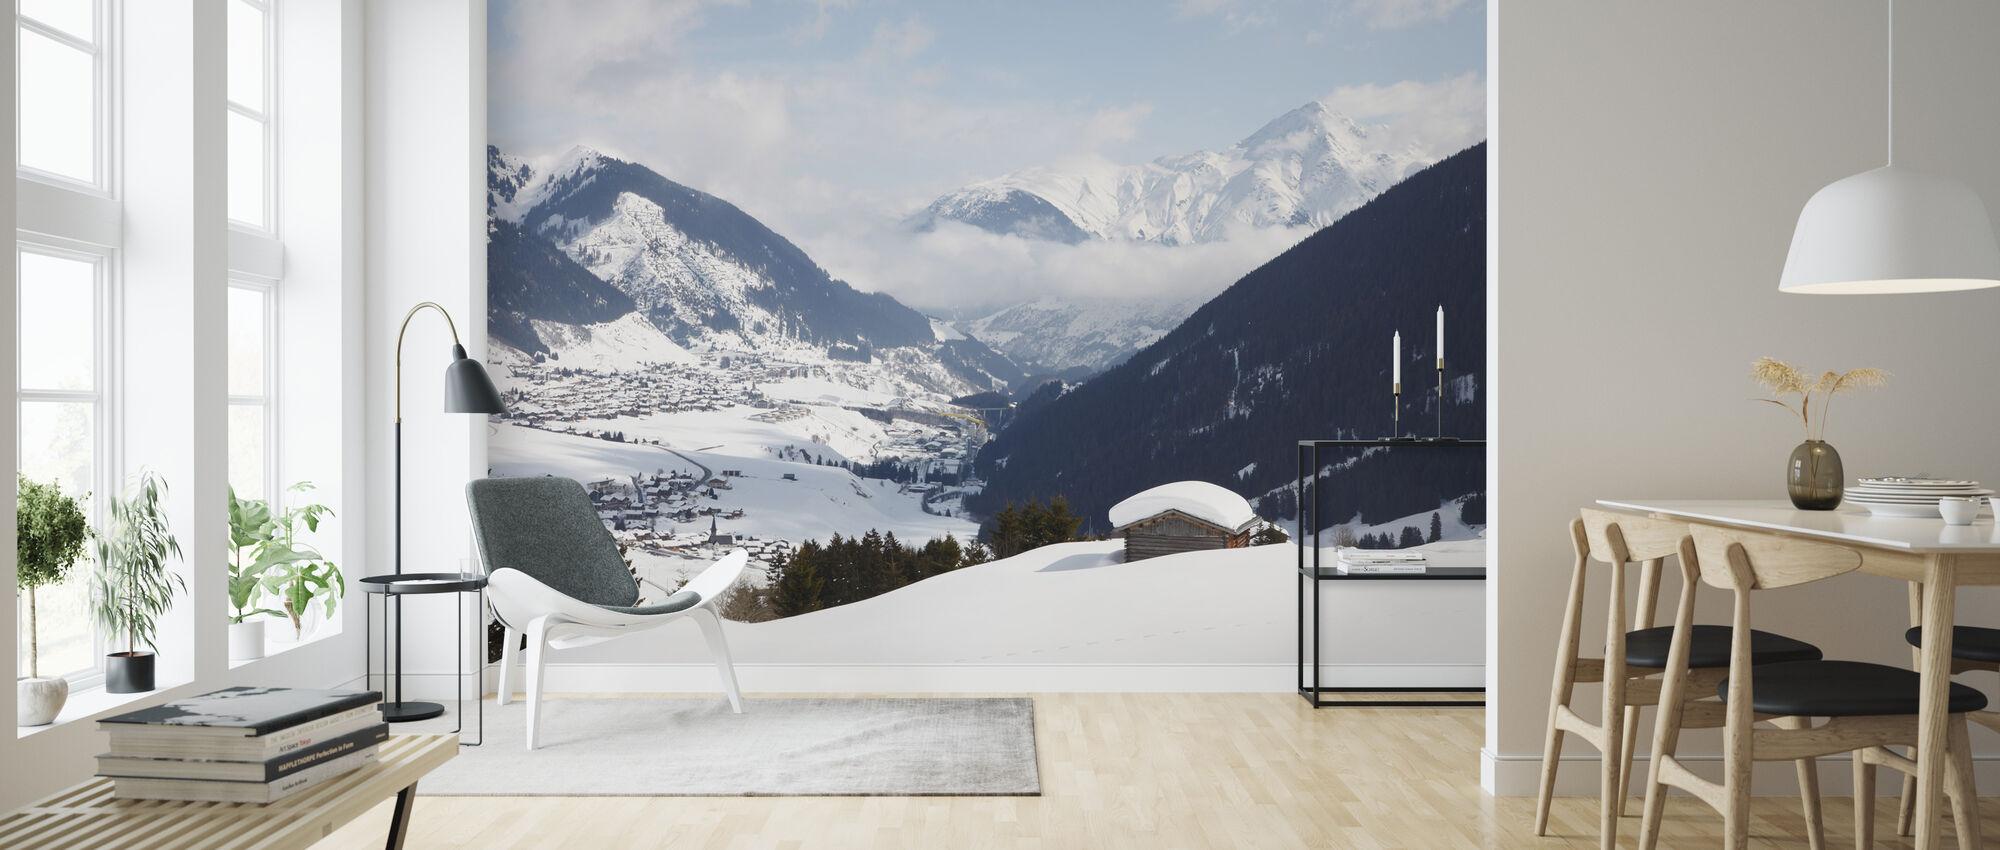 Andermatt, Switzerland - Wallpaper - Living Room